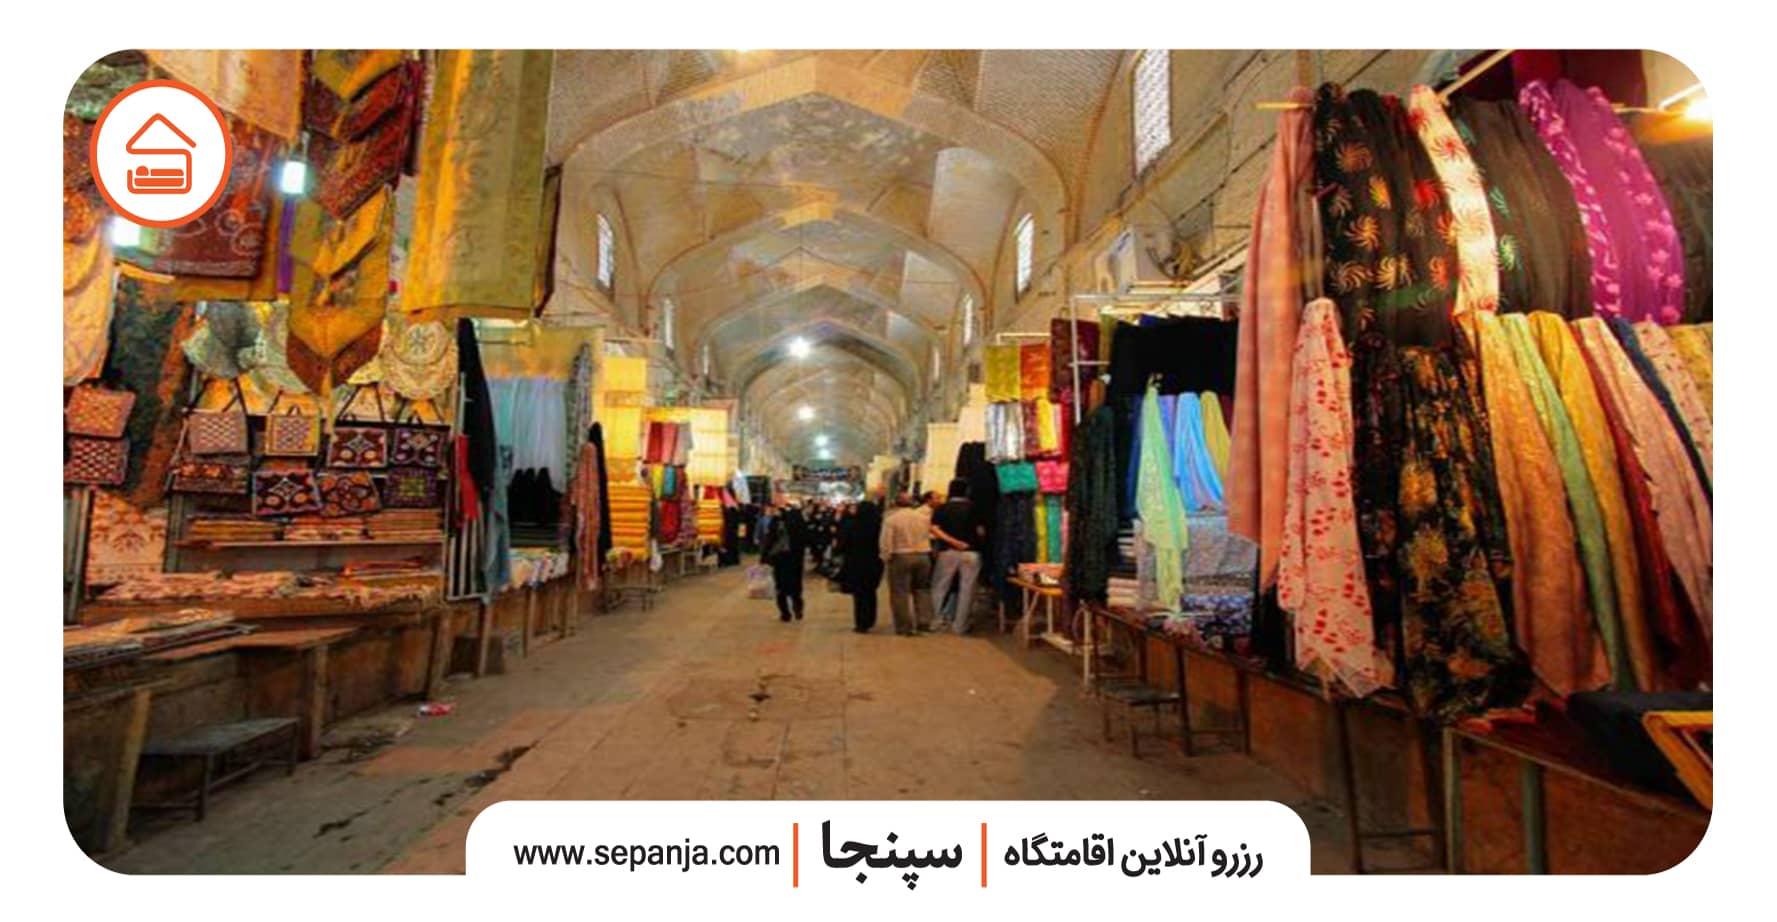 نمایی از بازار وکیل از بهترین جاهای دیدنی شیراز